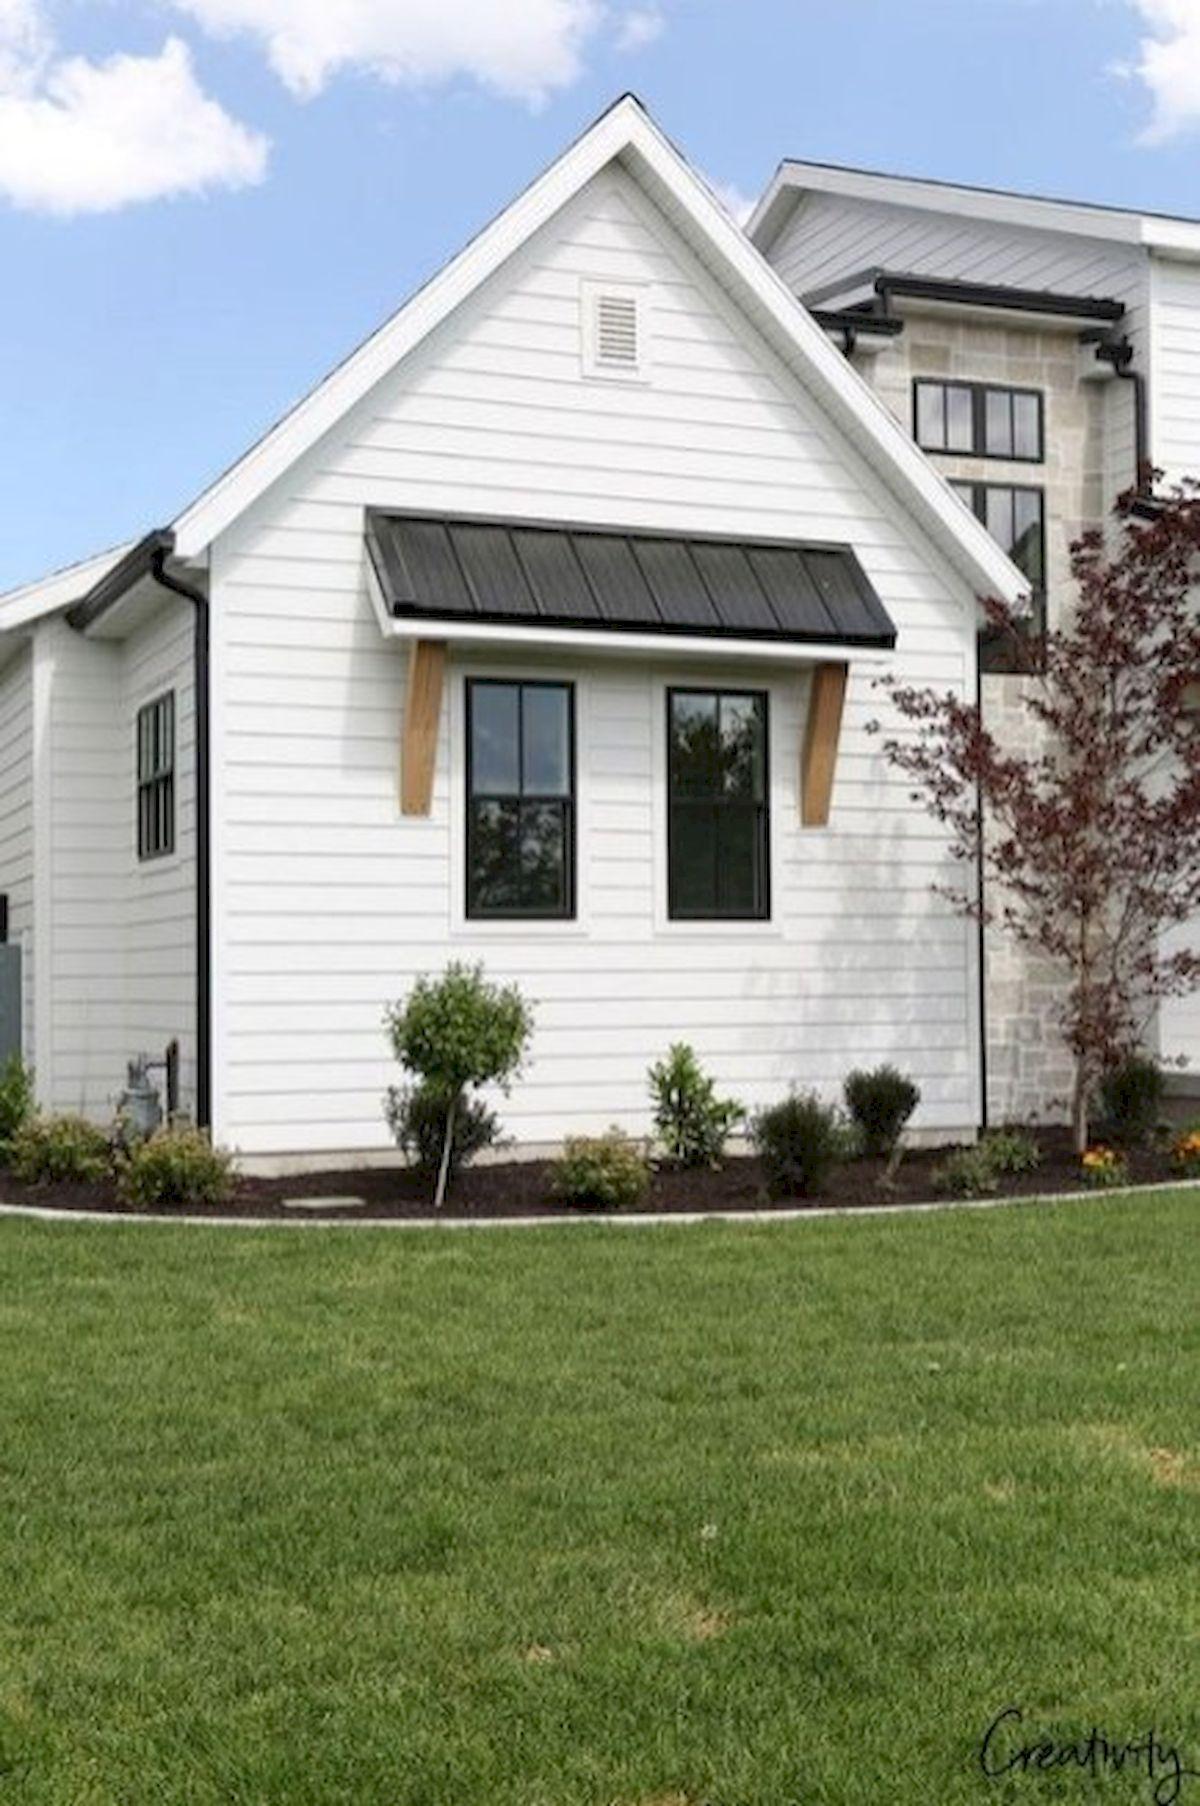 46 Awesome Farmhouse Home Exterior Design Ideas (32)